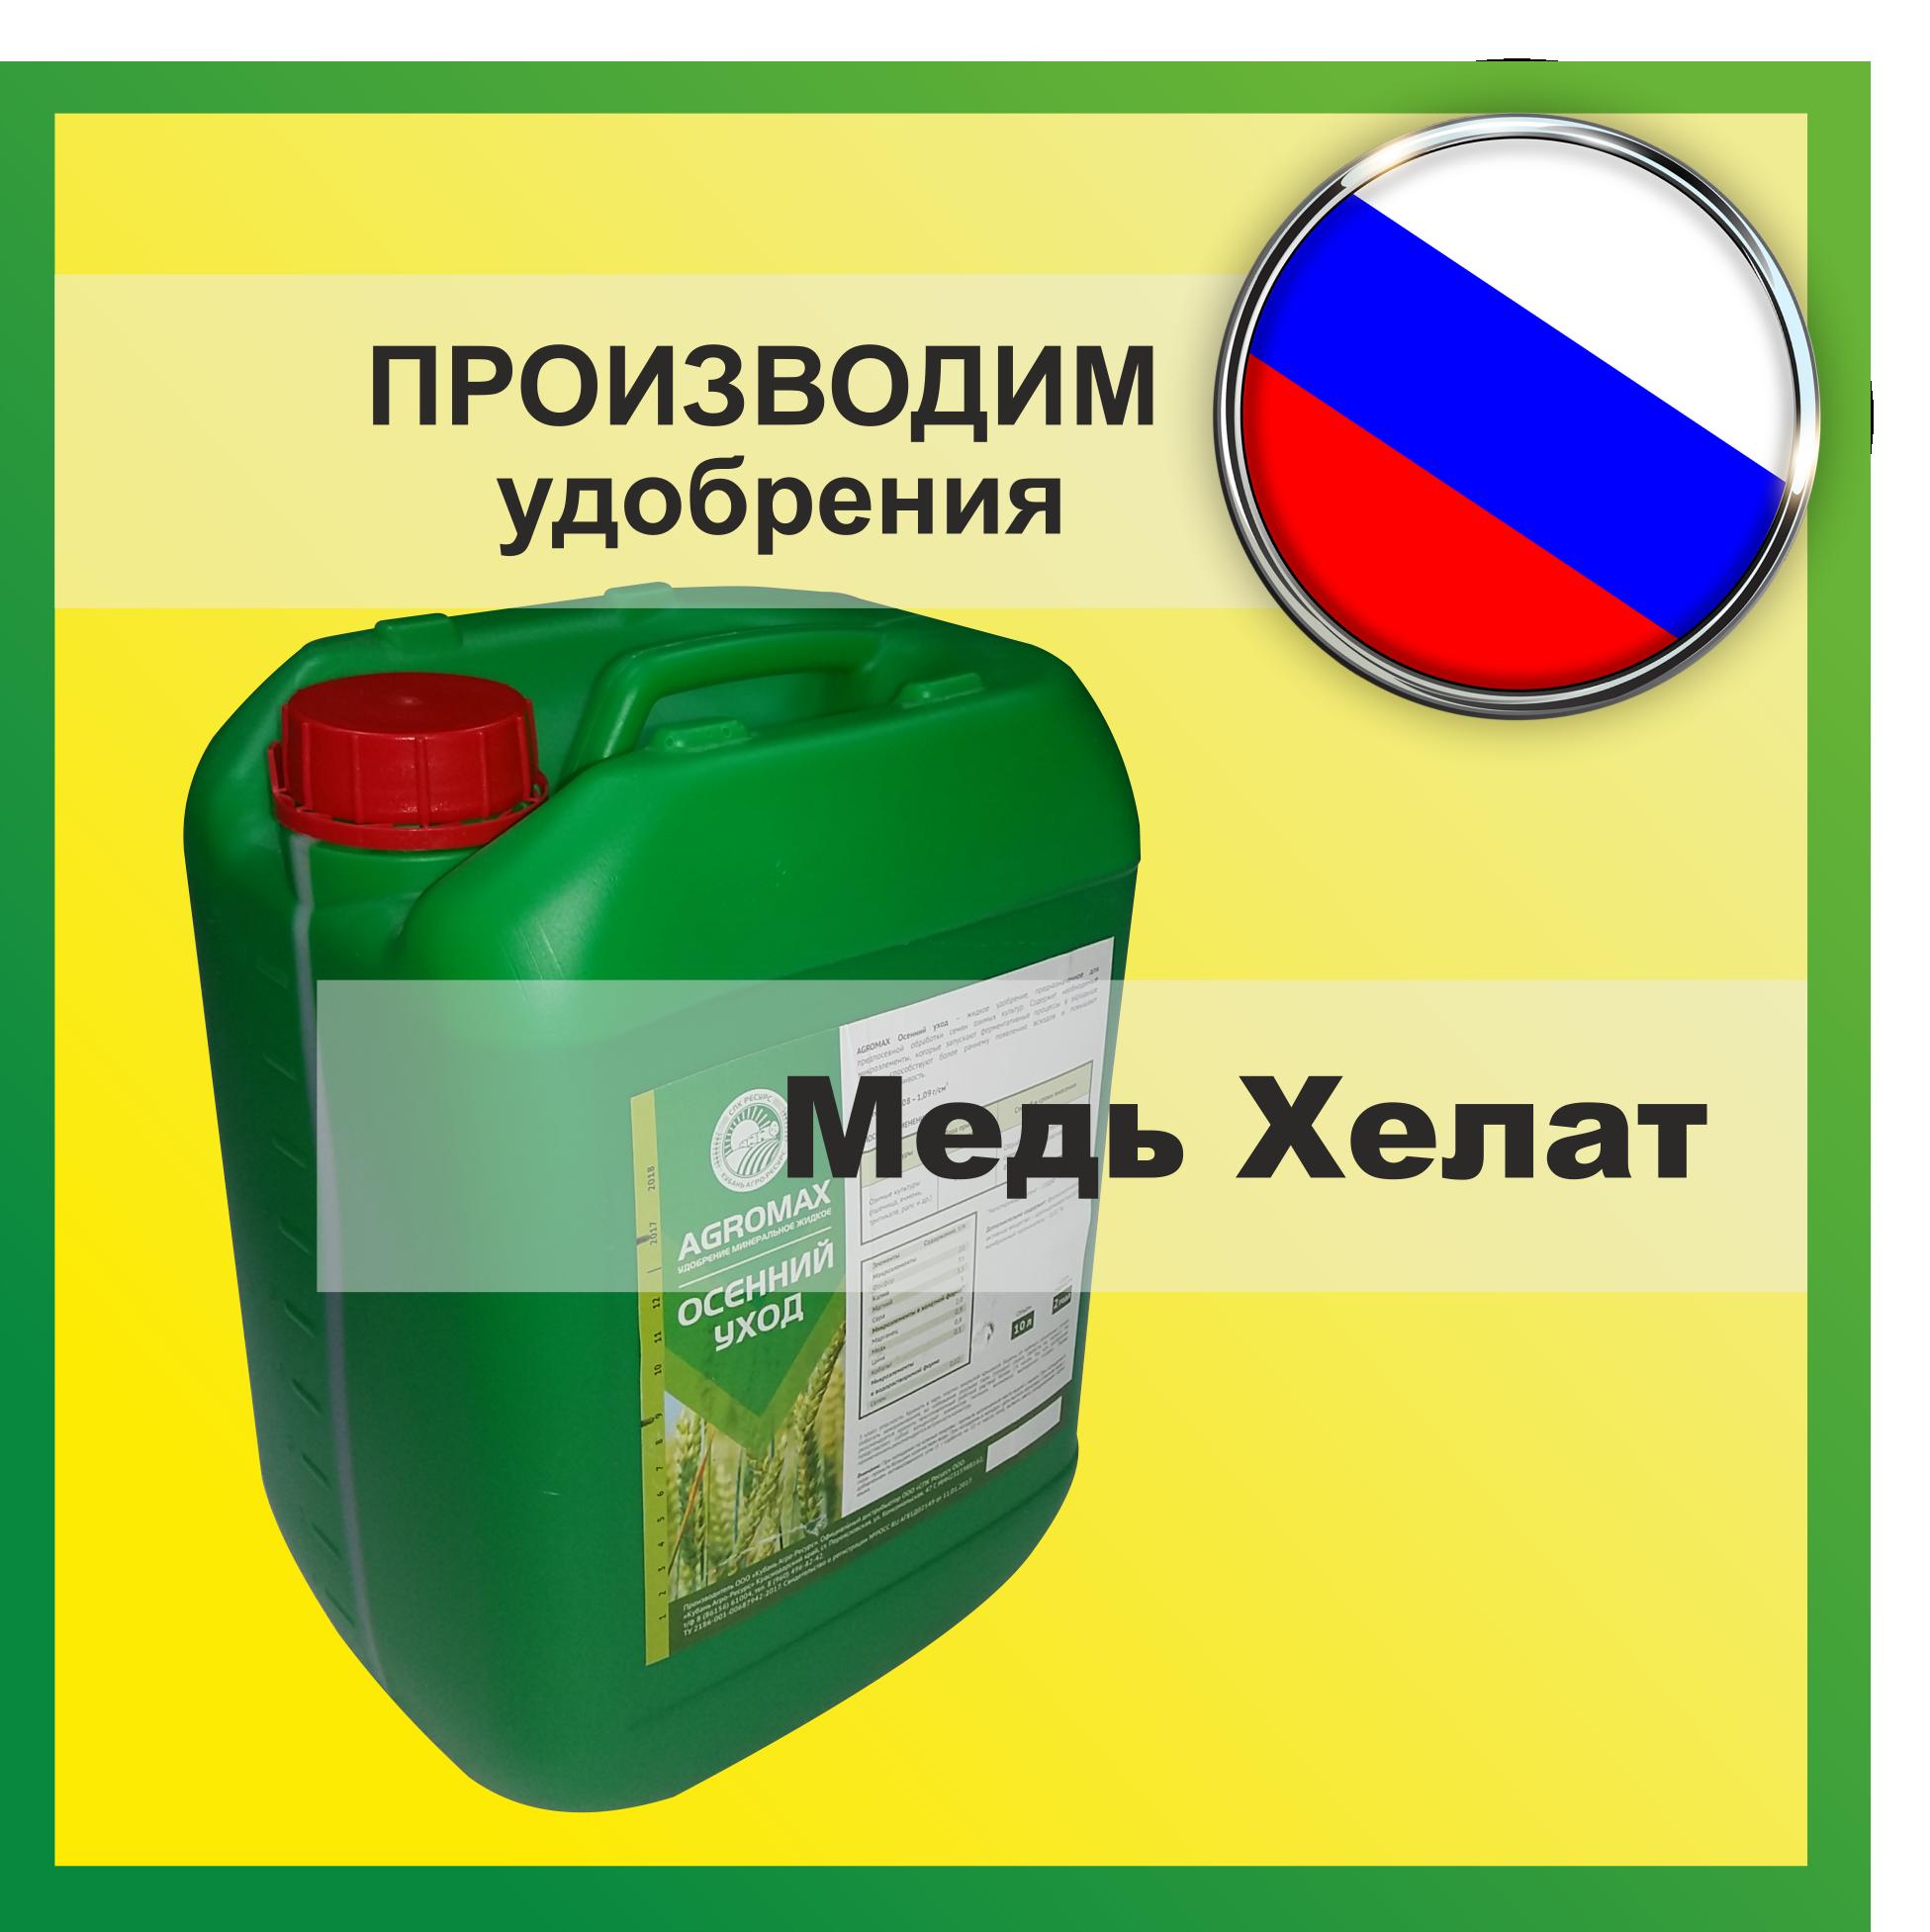 Med-Helat-udobrenie-agromaks-1-1